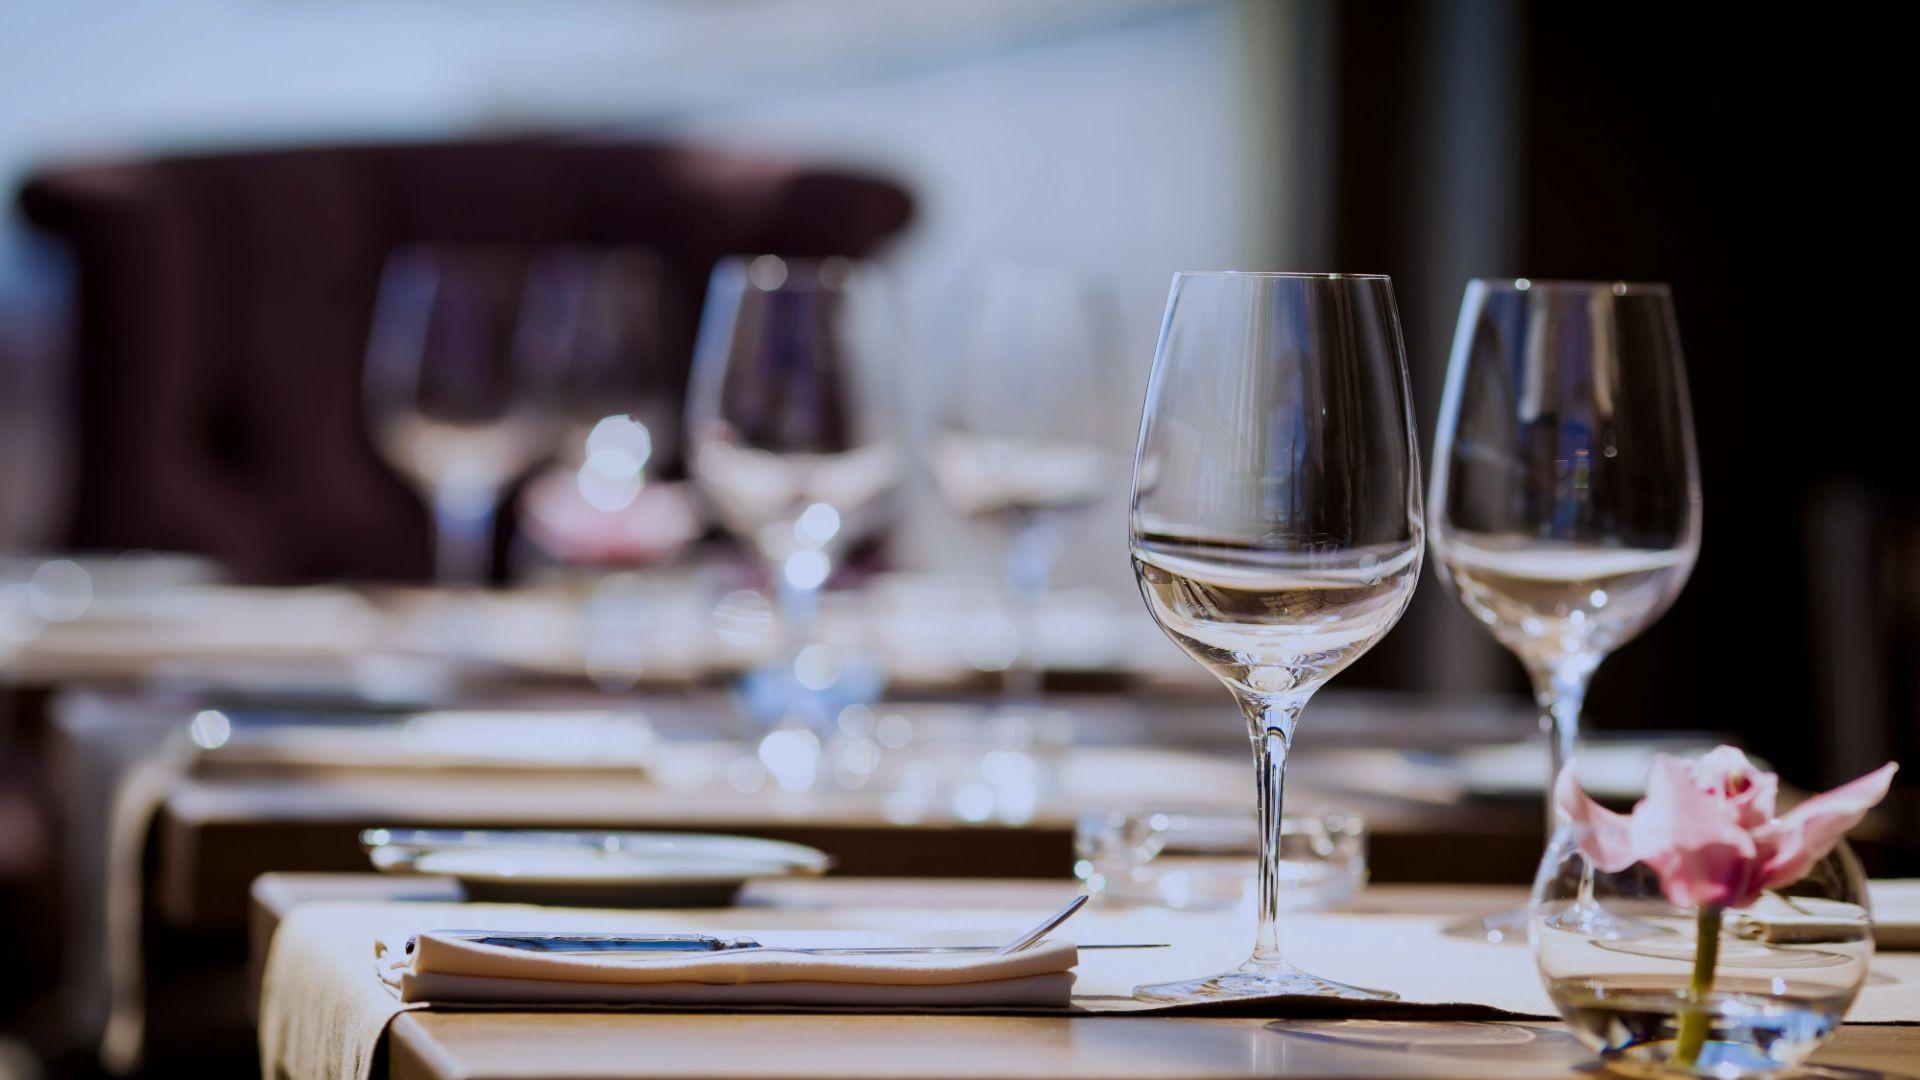 Restaurante recomendado en Orihuela costa